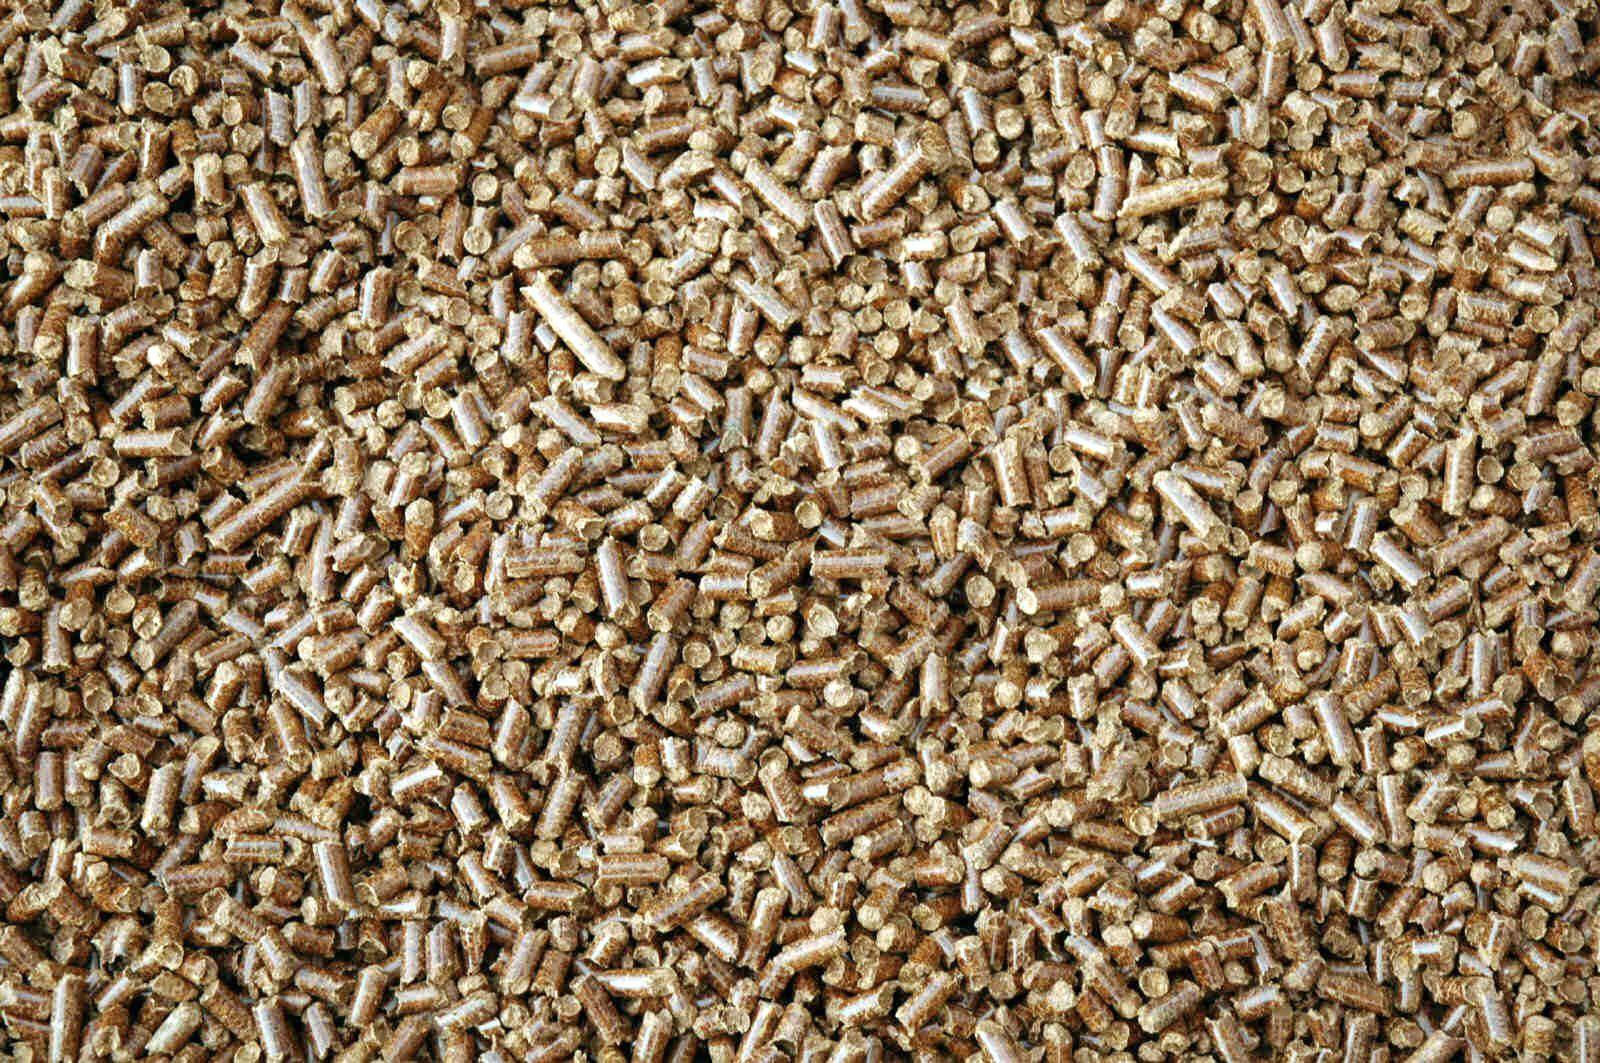 Granulés de bois, aussi appelés pellets.